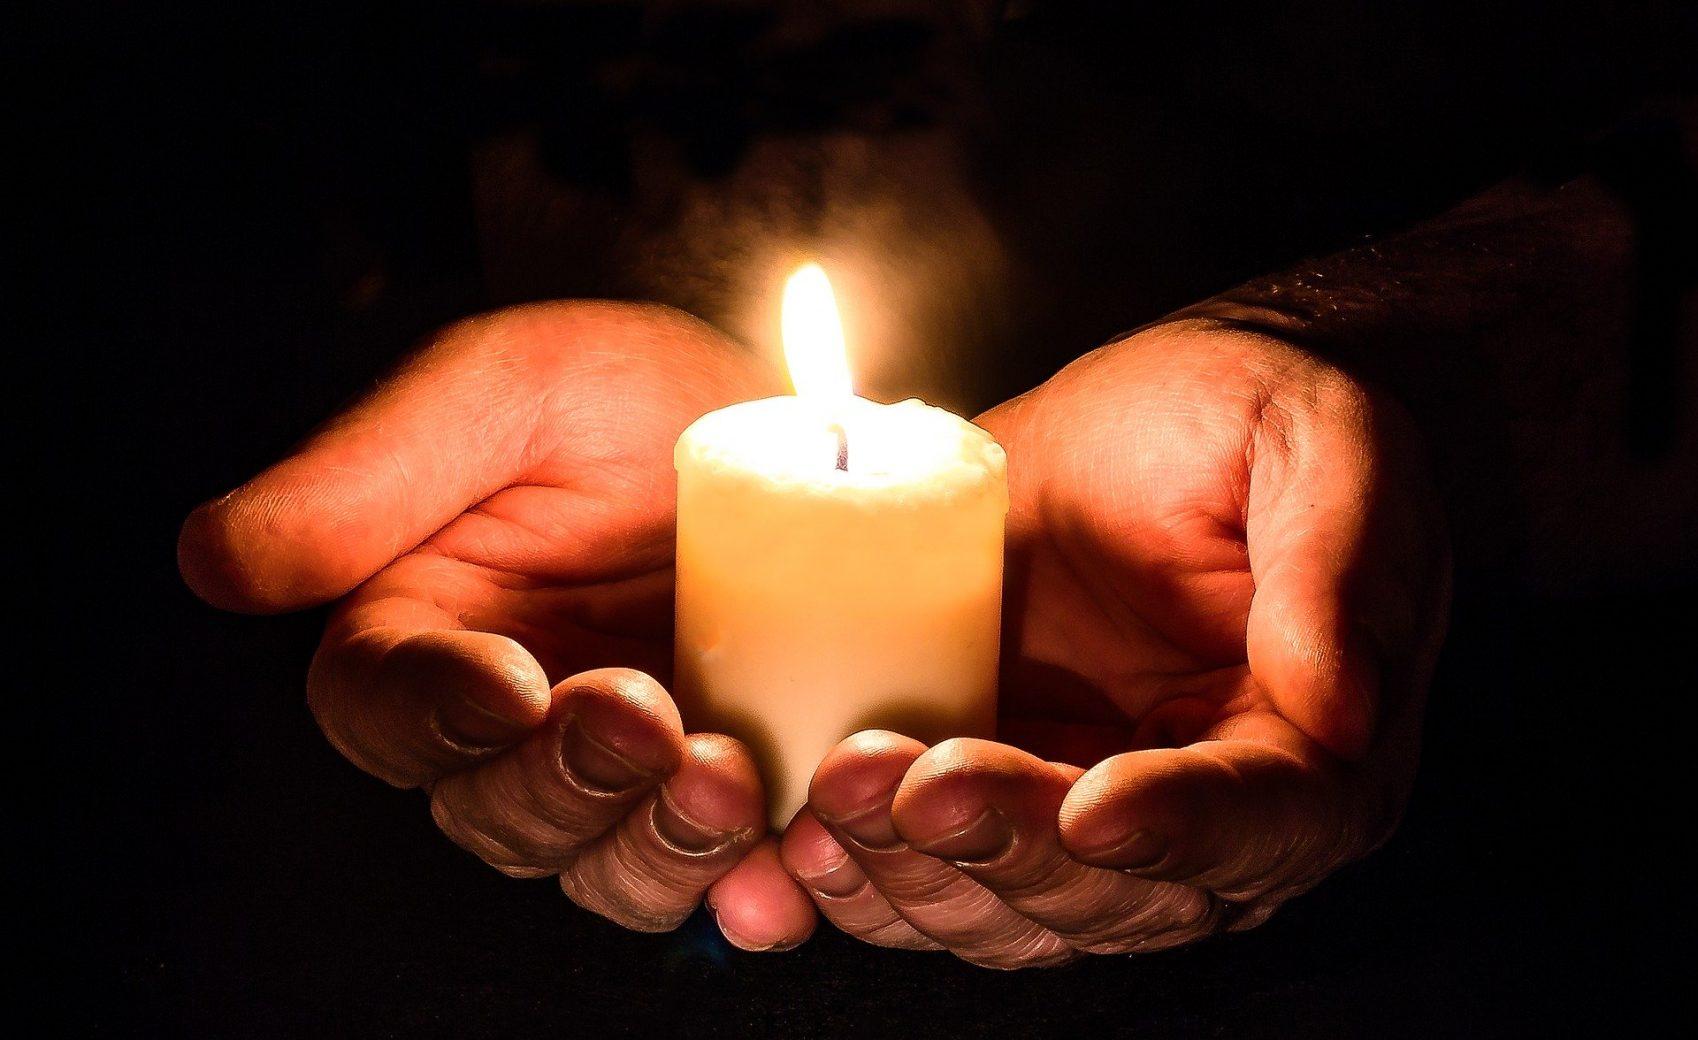 donner hands 1926414 1920 - Donner aux autres avec son cœur contribue à votre bonheur